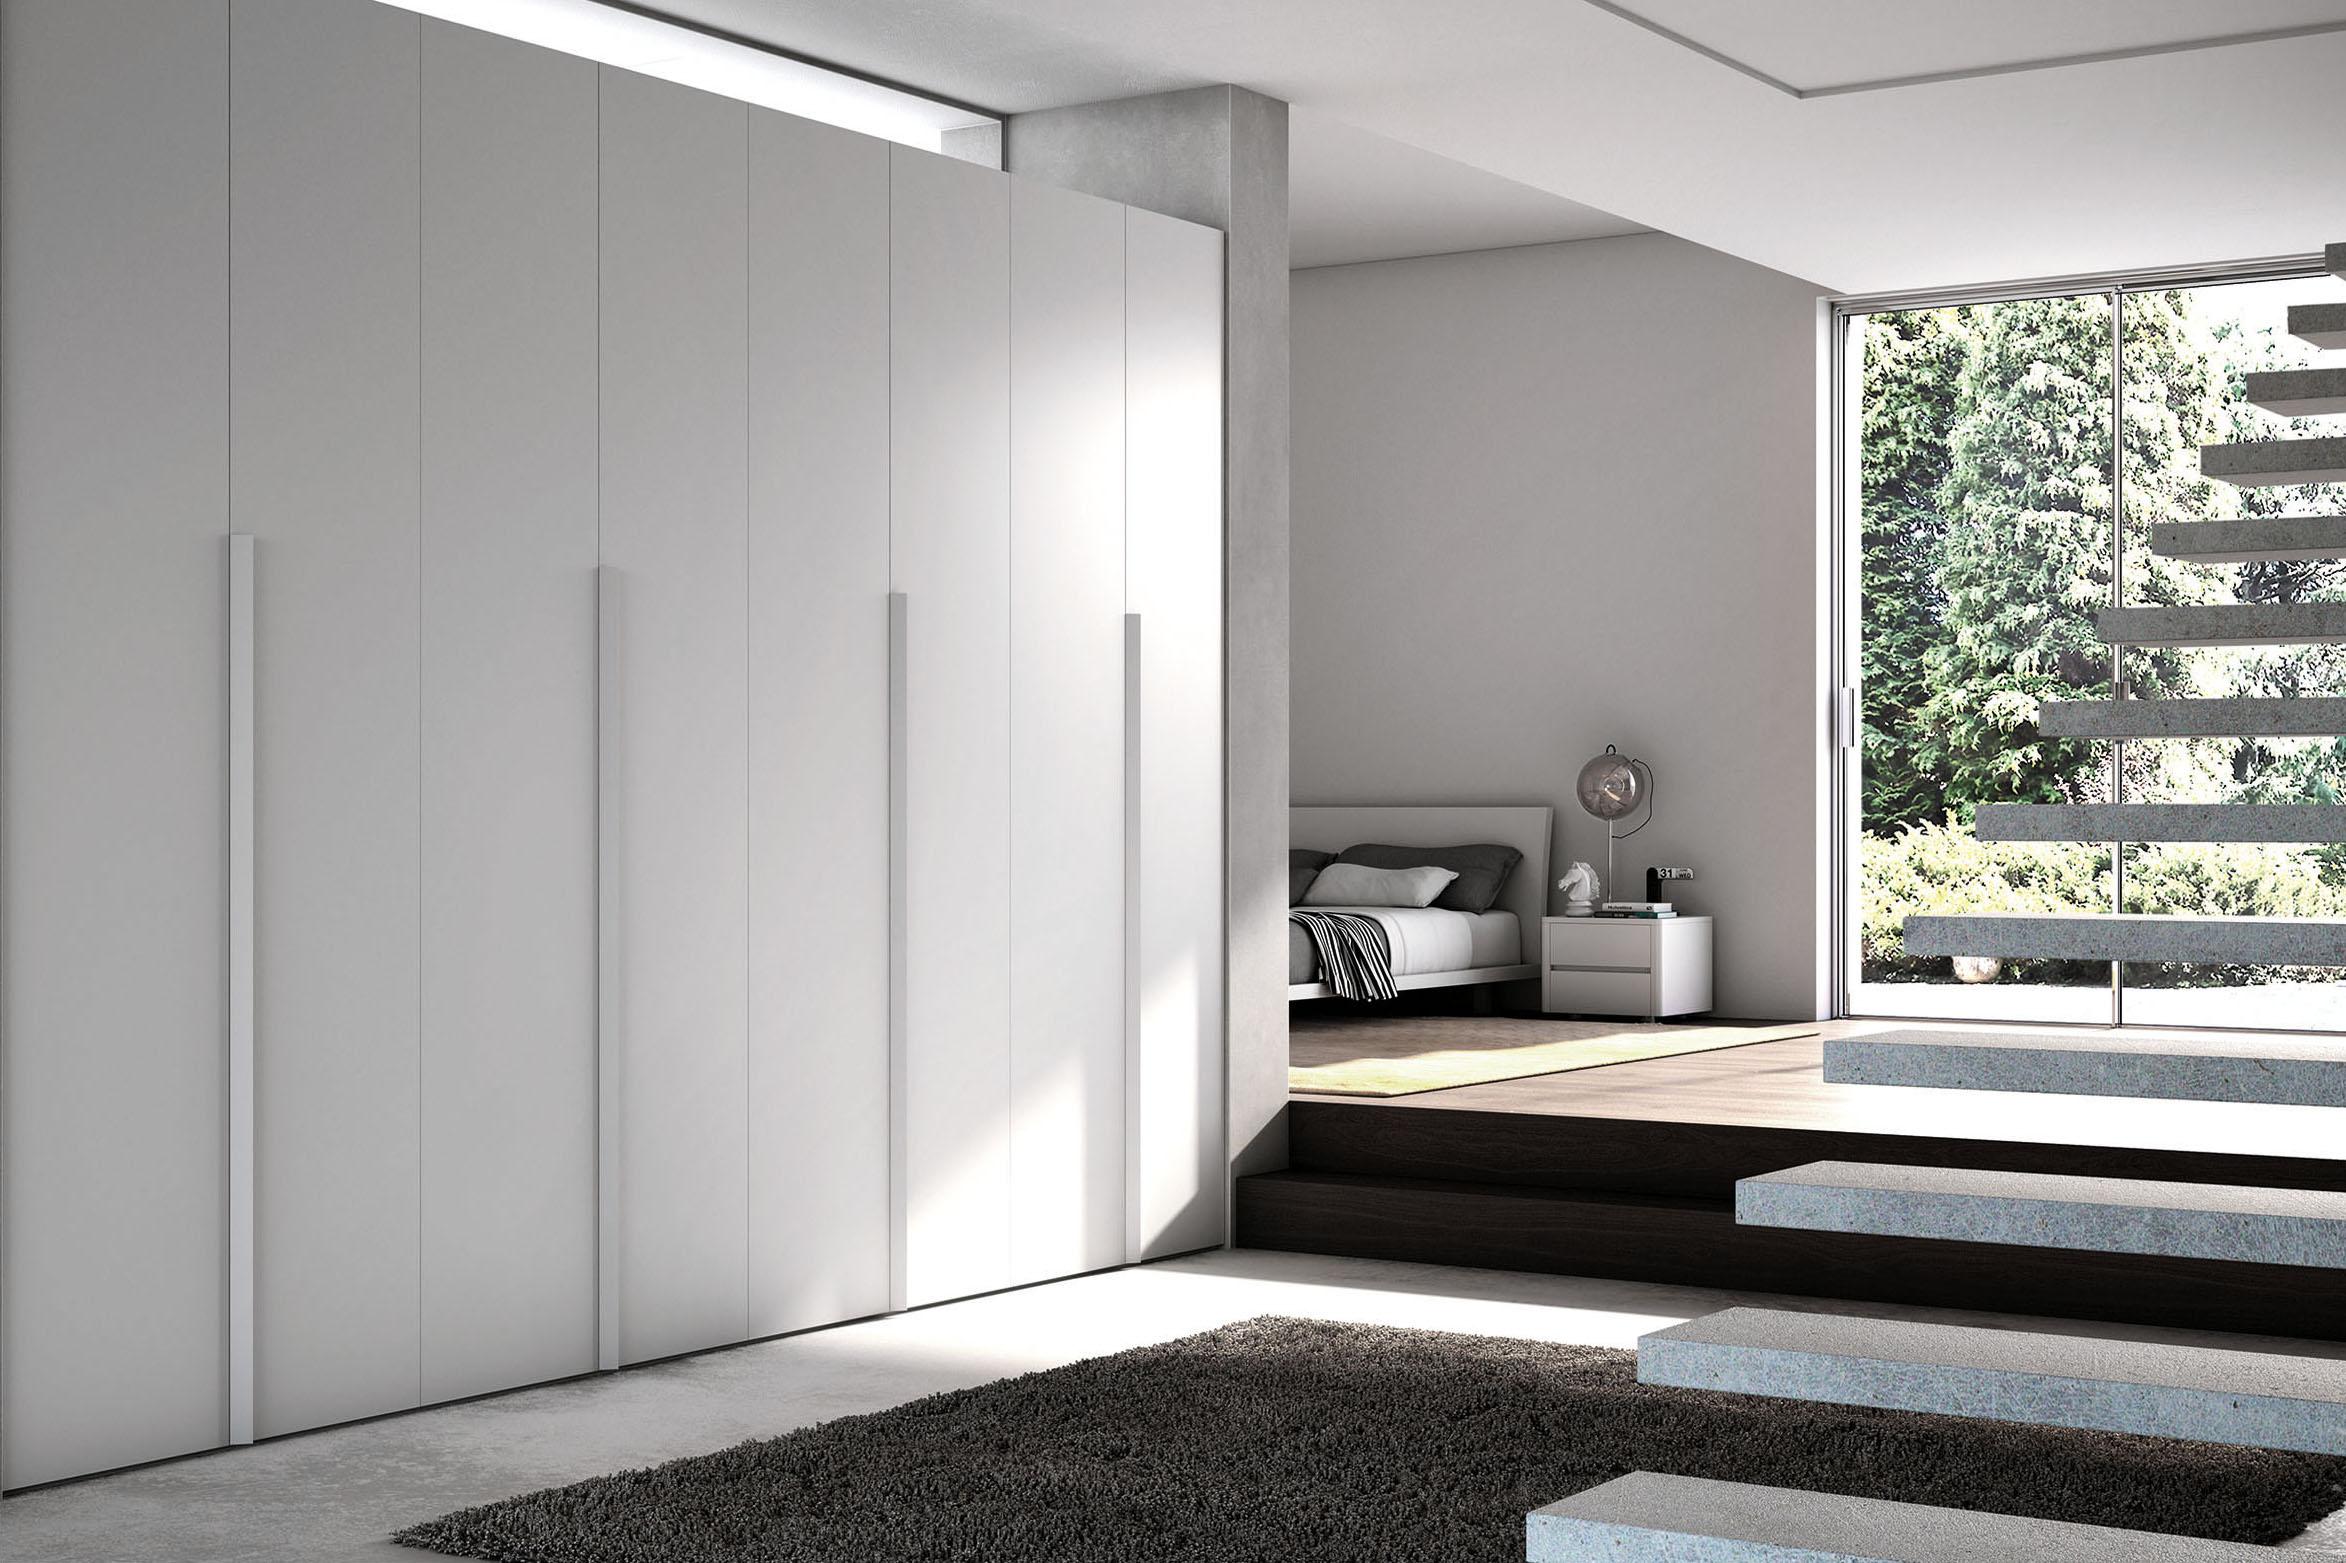 Mobili camera da letto tagliabue tea arredamenti lupo for Arredamenti tagliabue